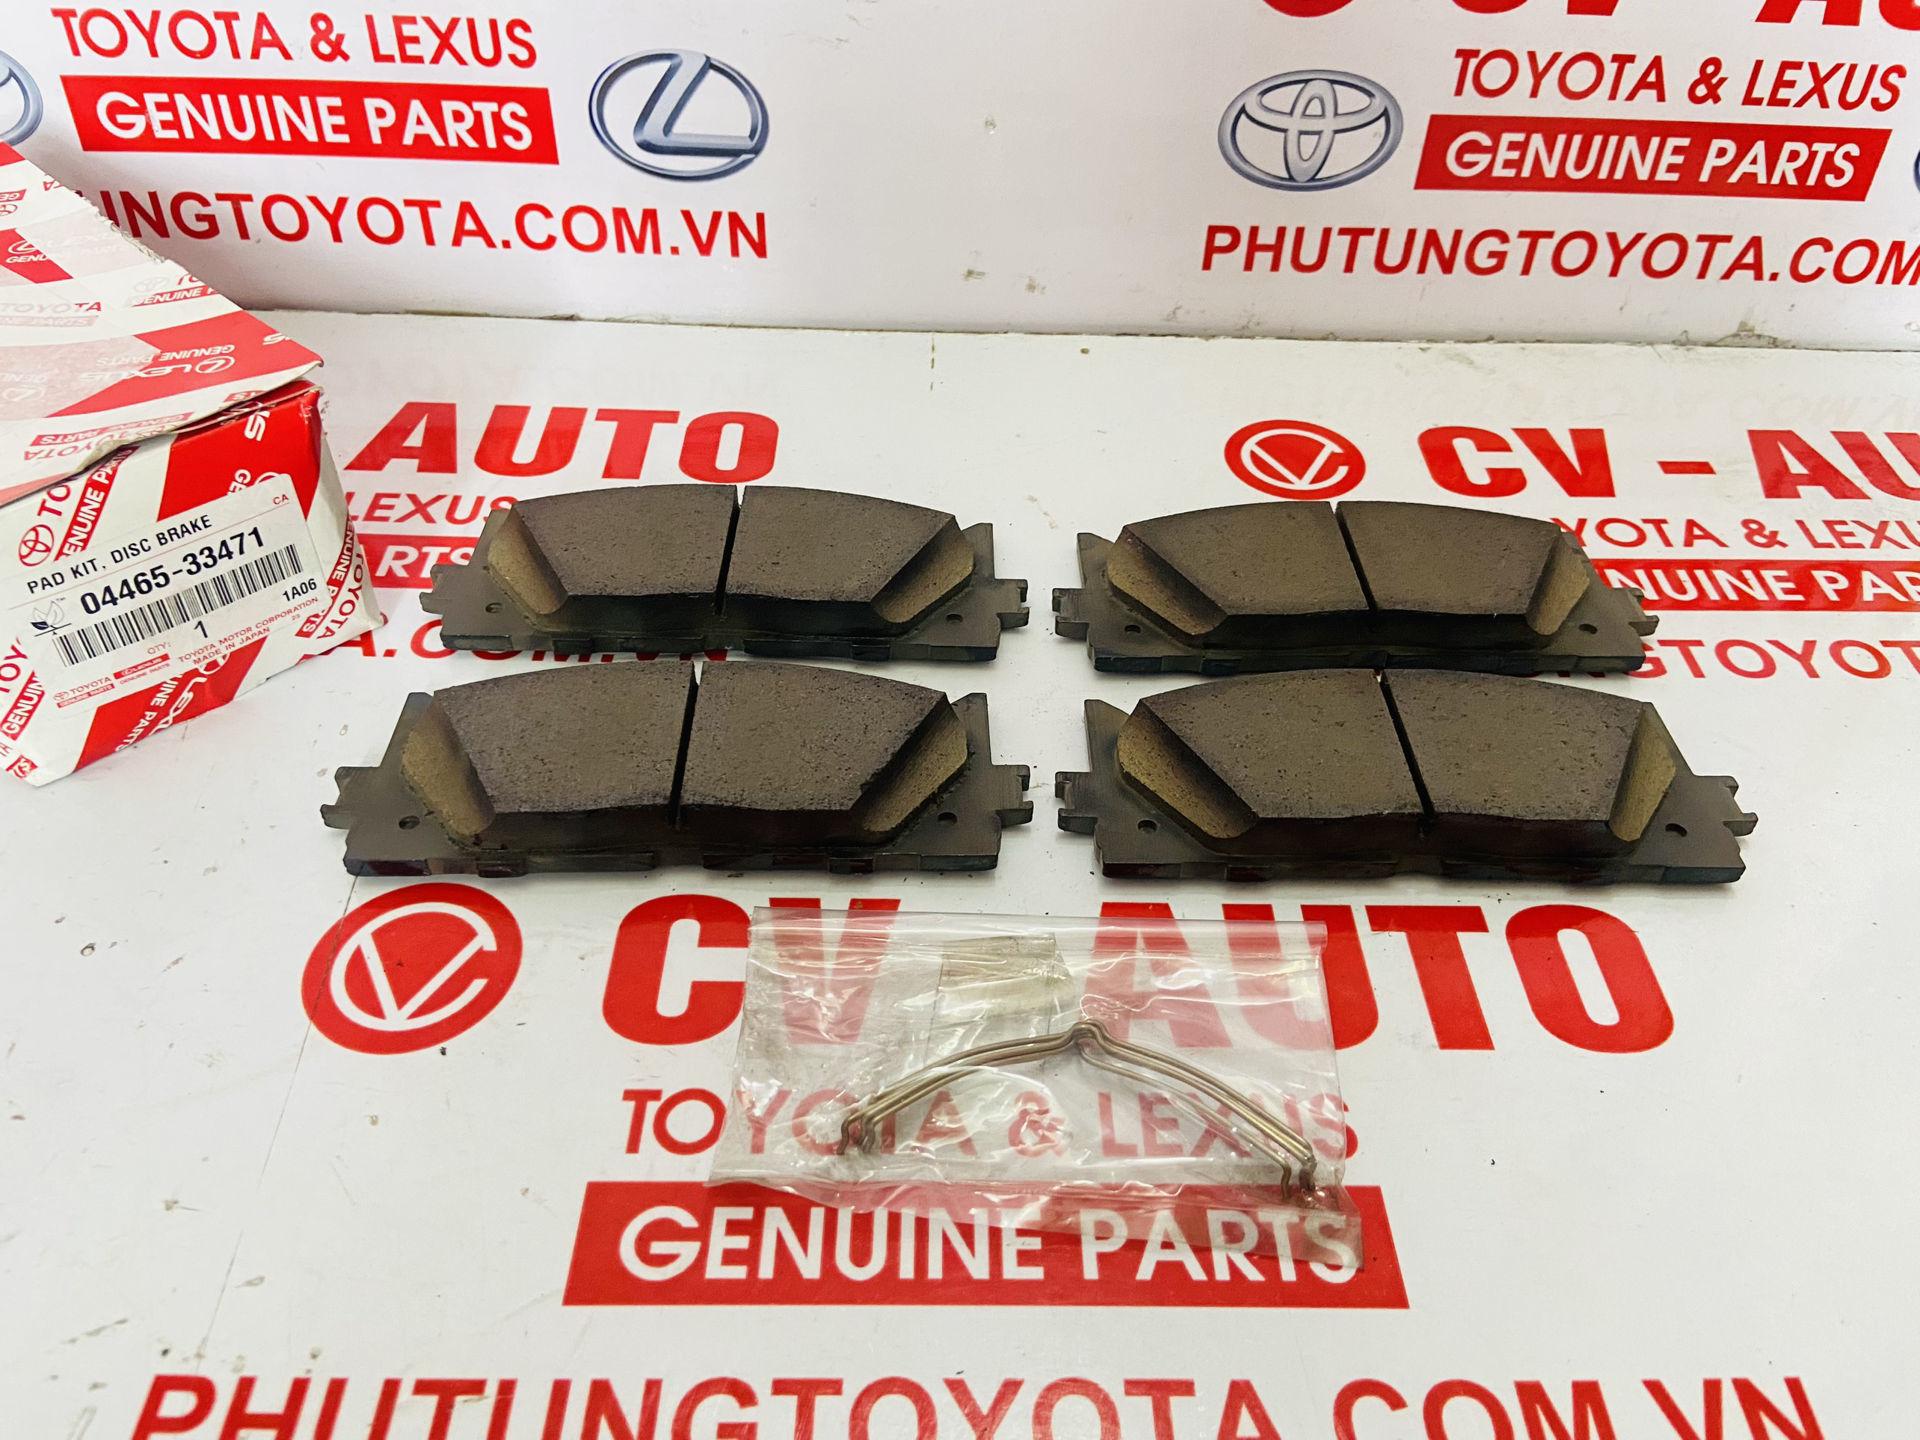 Picture of 04465-33471, 0446533471 Má phanh trước Toyota Camry, Avalon Lexus ES350 2006 hàng chính hãng